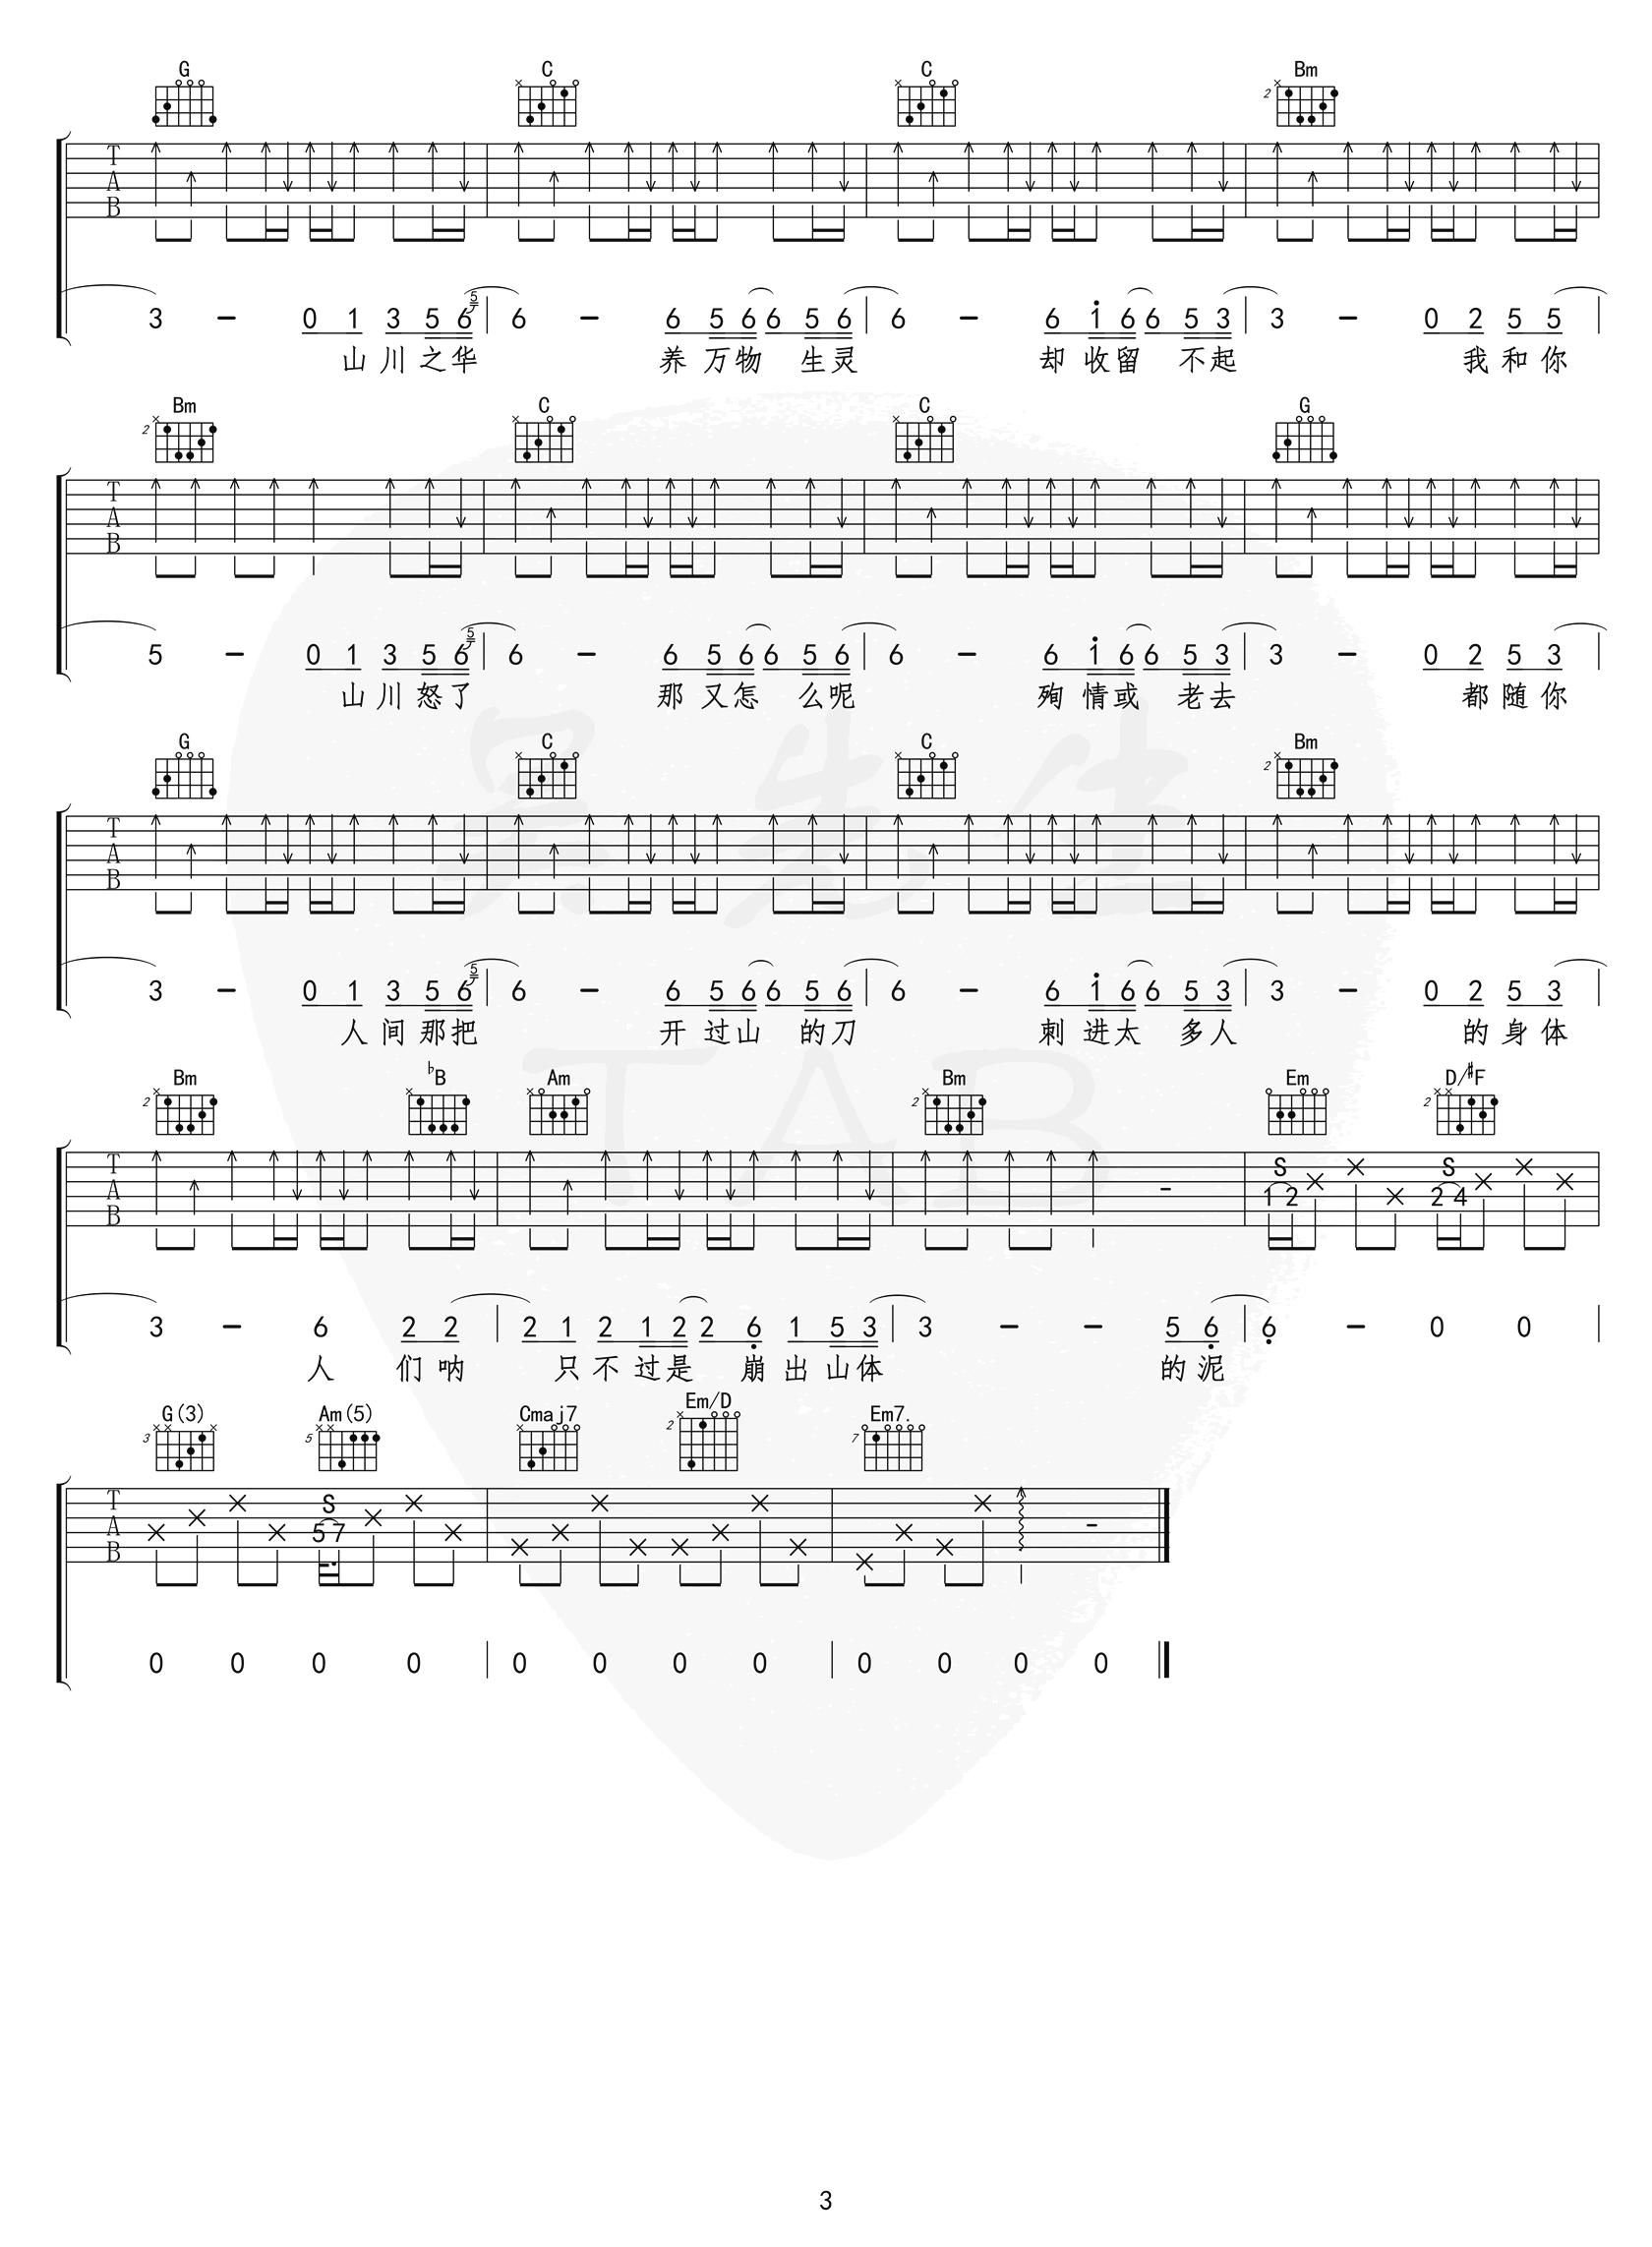 李荣浩-山川吉他谱 G调弹唱六线谱-3